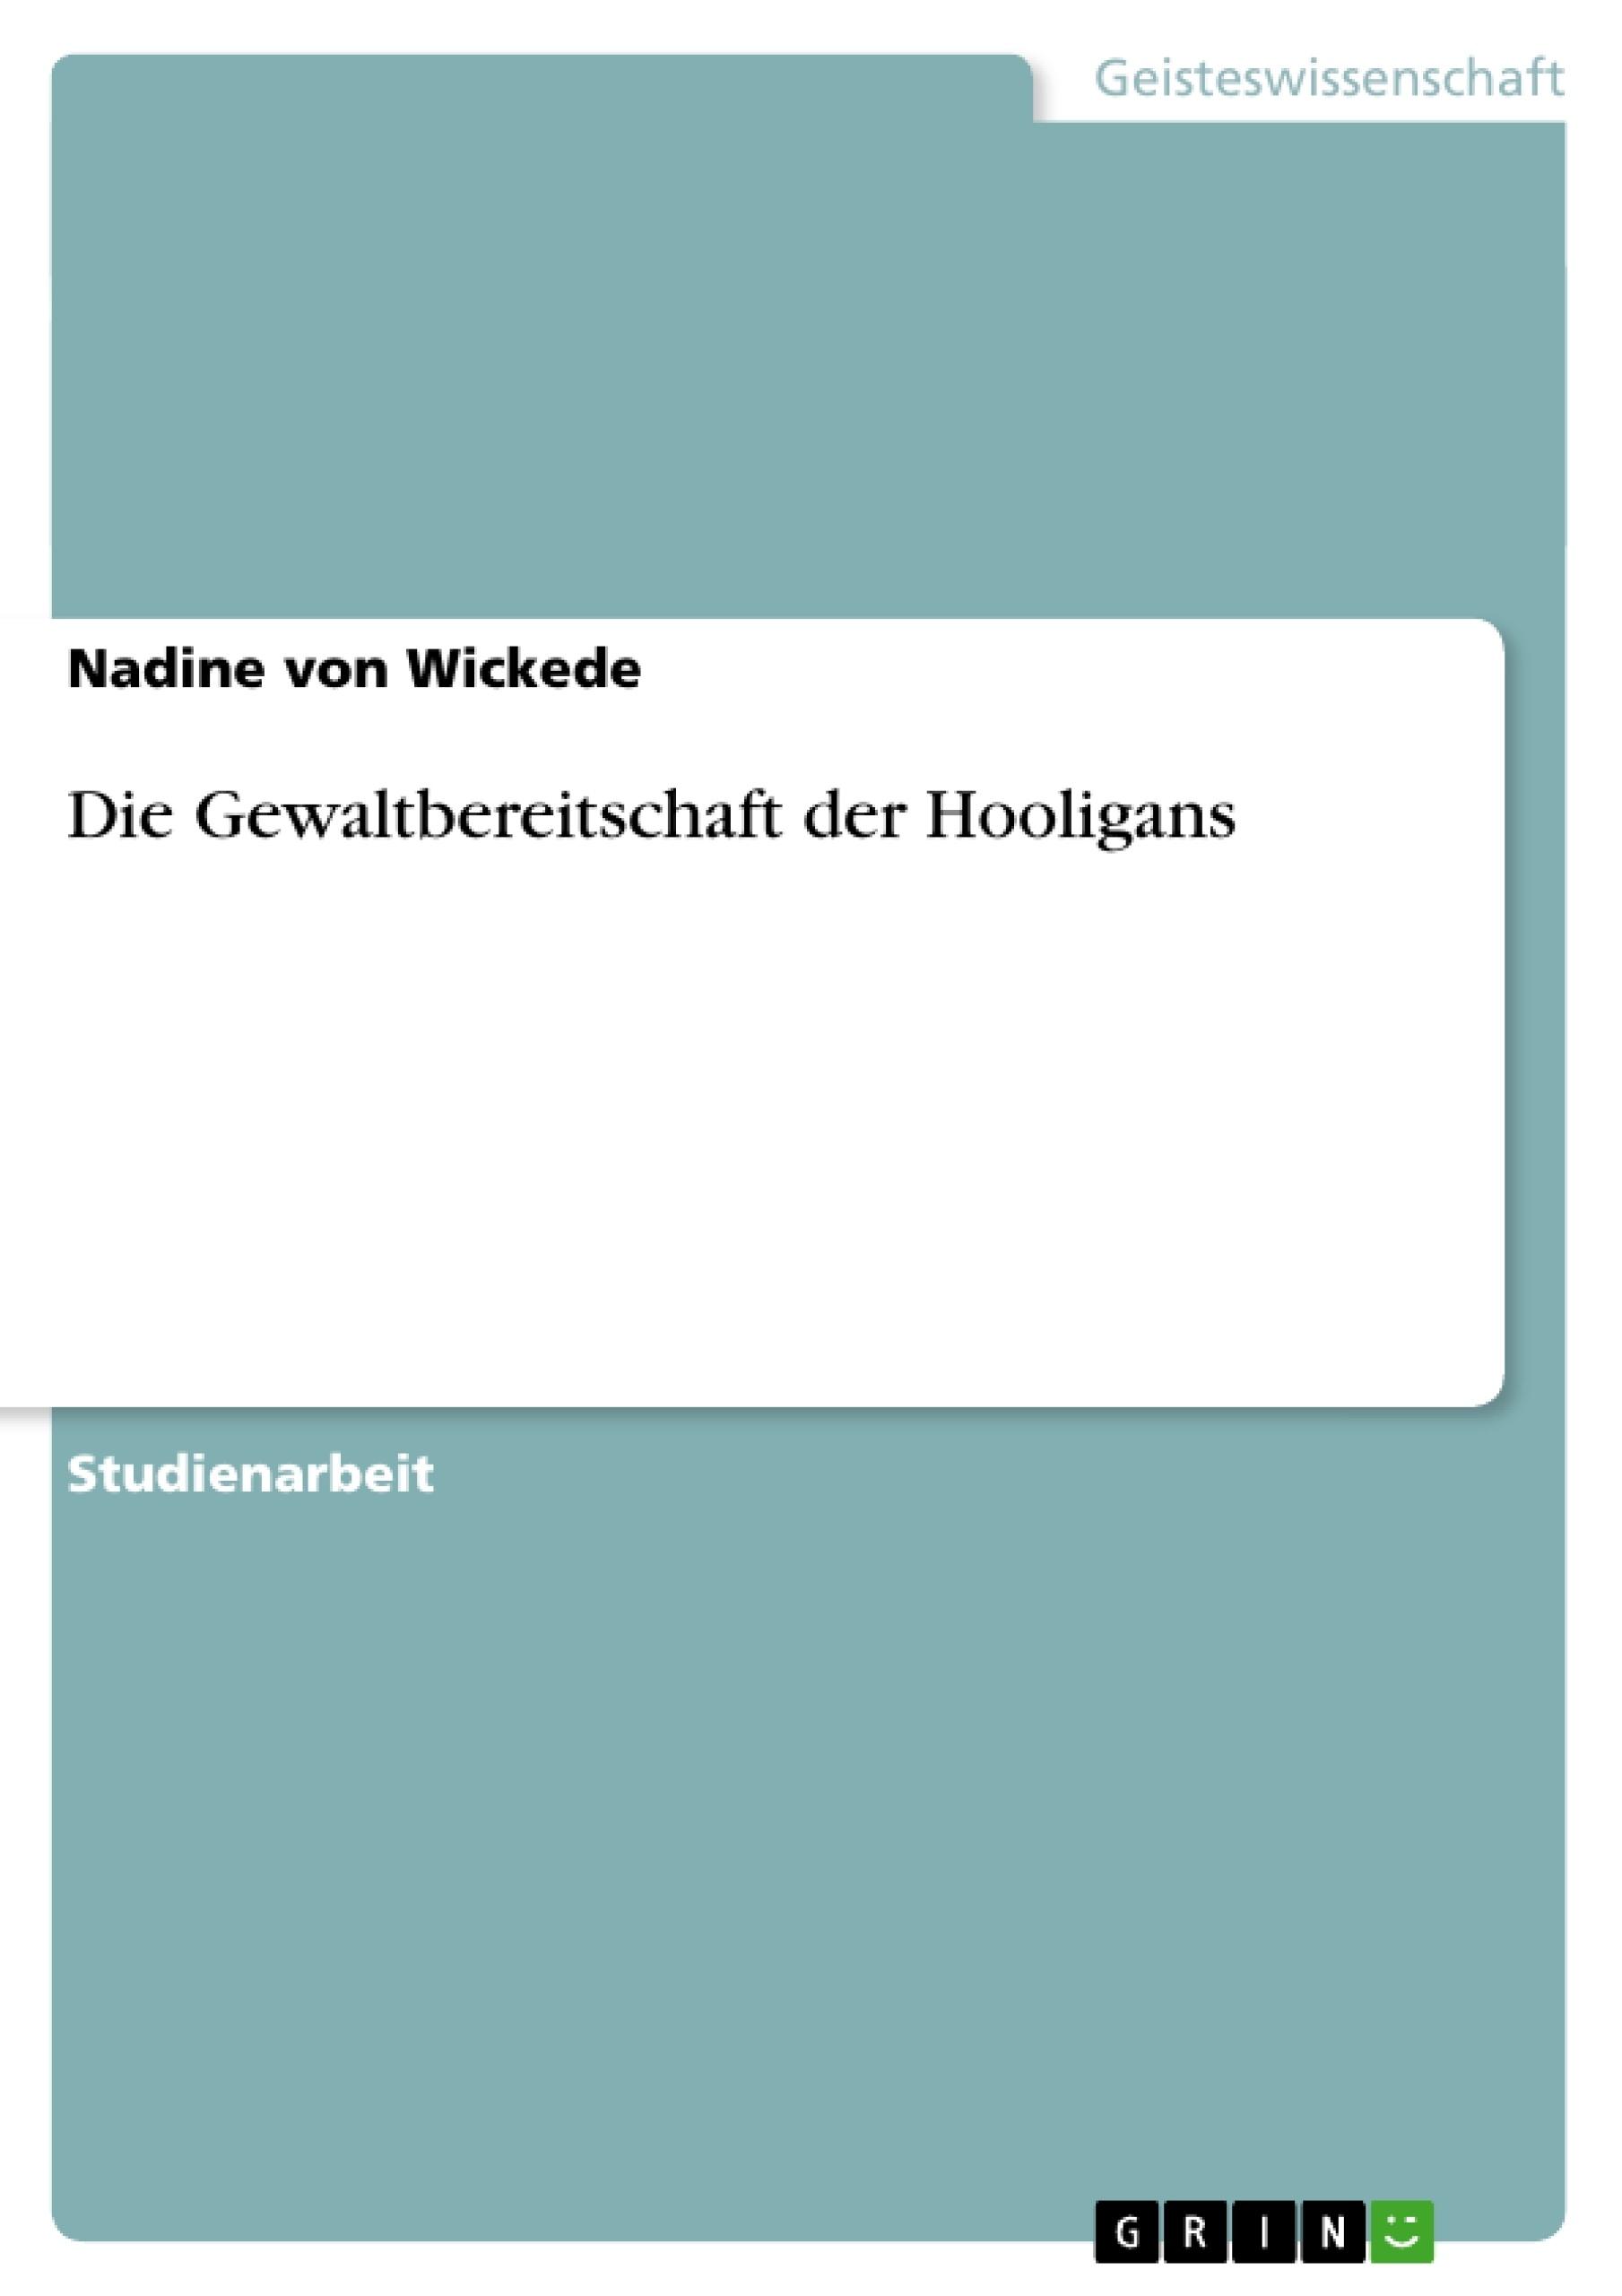 Titel: Die Gewaltbereitschaft der Hooligans